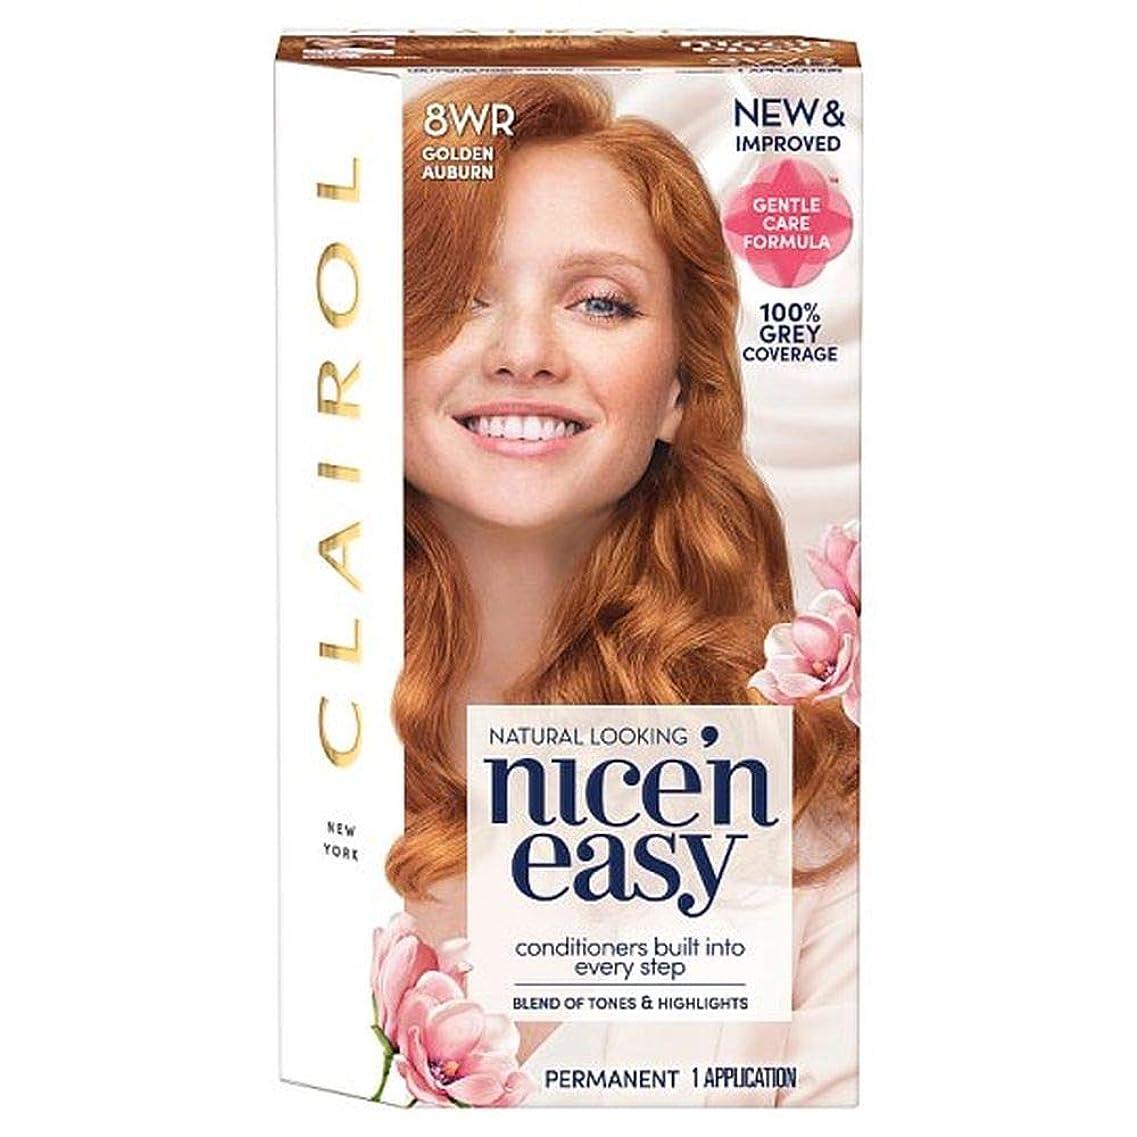 静的増幅する知覚[Nice'n Easy] クレイロール素敵な「N簡単黄金赤褐色8Wr染毛剤 - Clairol Nice 'N Easy Golden Auburn 8Wr Hair Dye [並行輸入品]